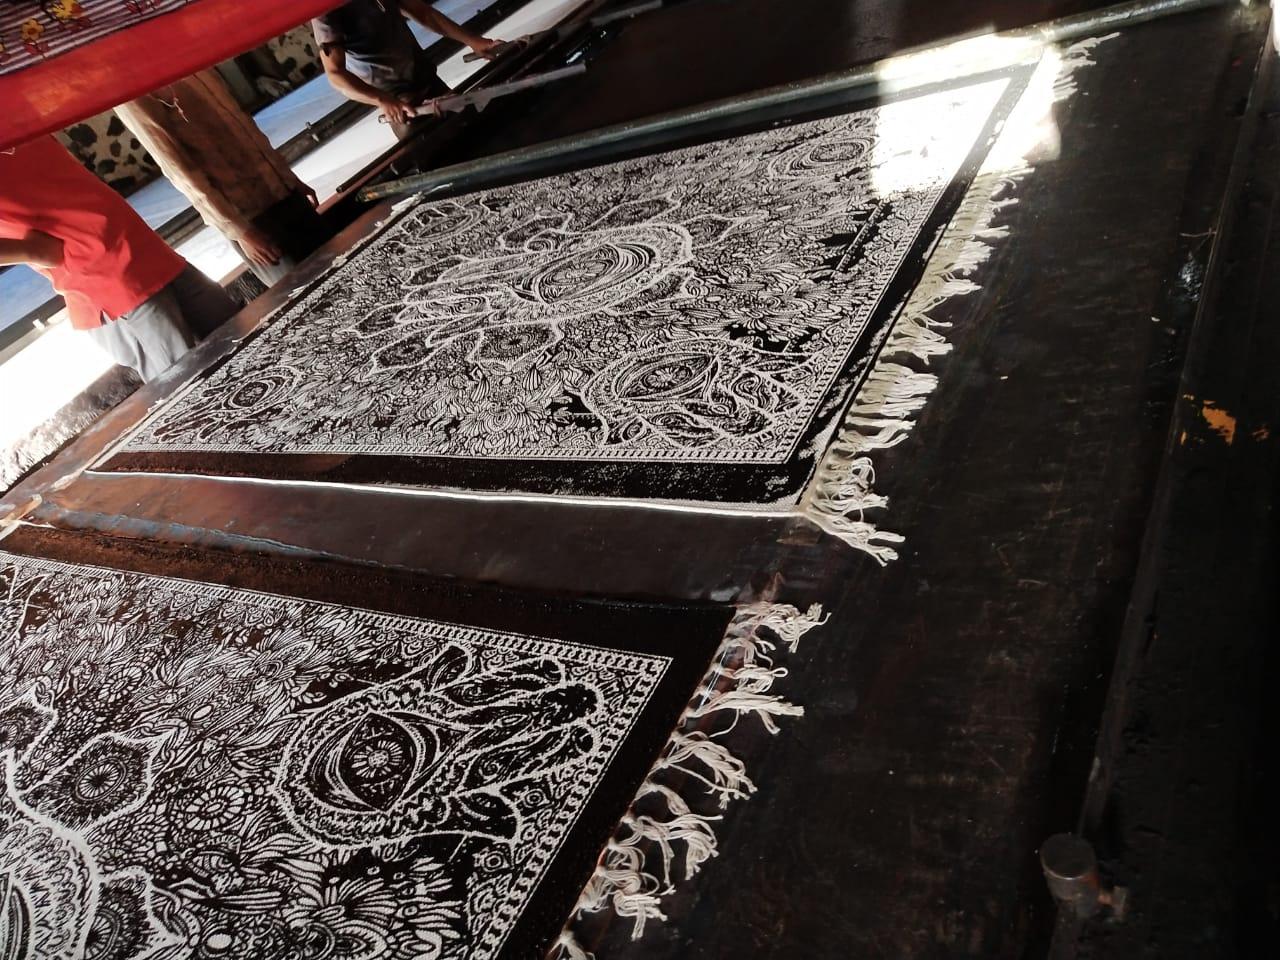 Schwarzer Hamsa Teppich im Siebdruck